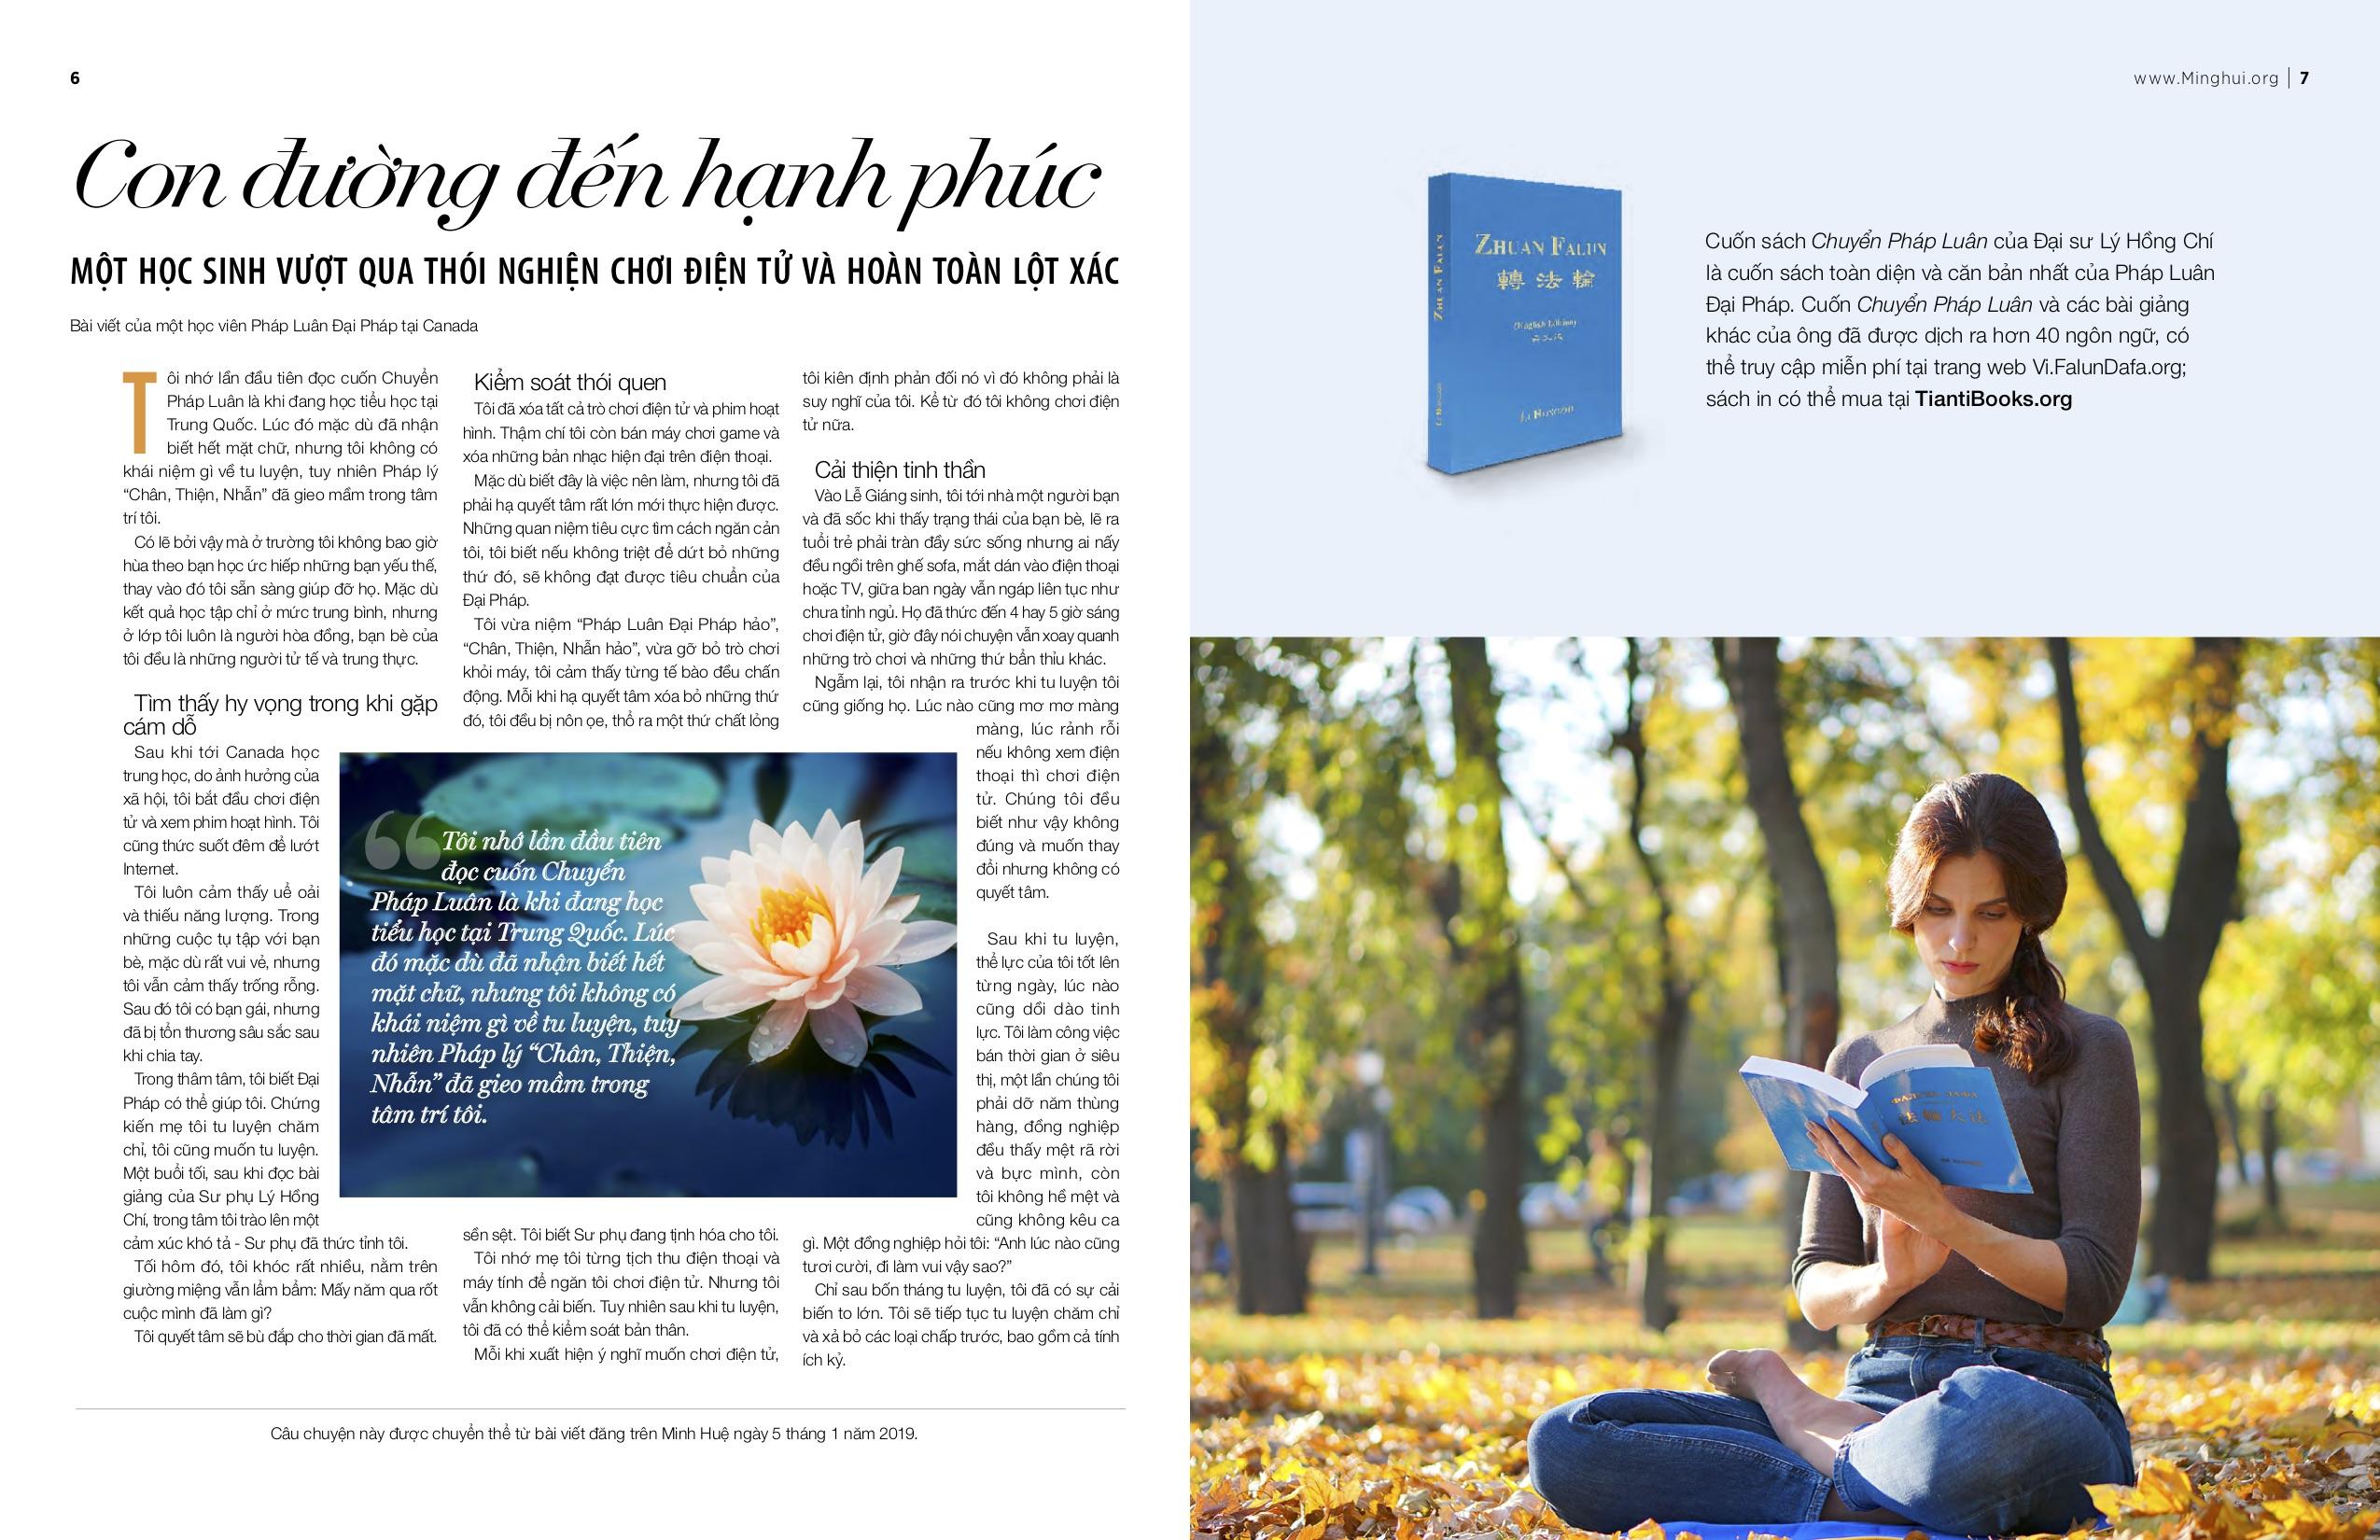 Nội dung từ ấn bản Minh Huệ Đa ngữ 2019.